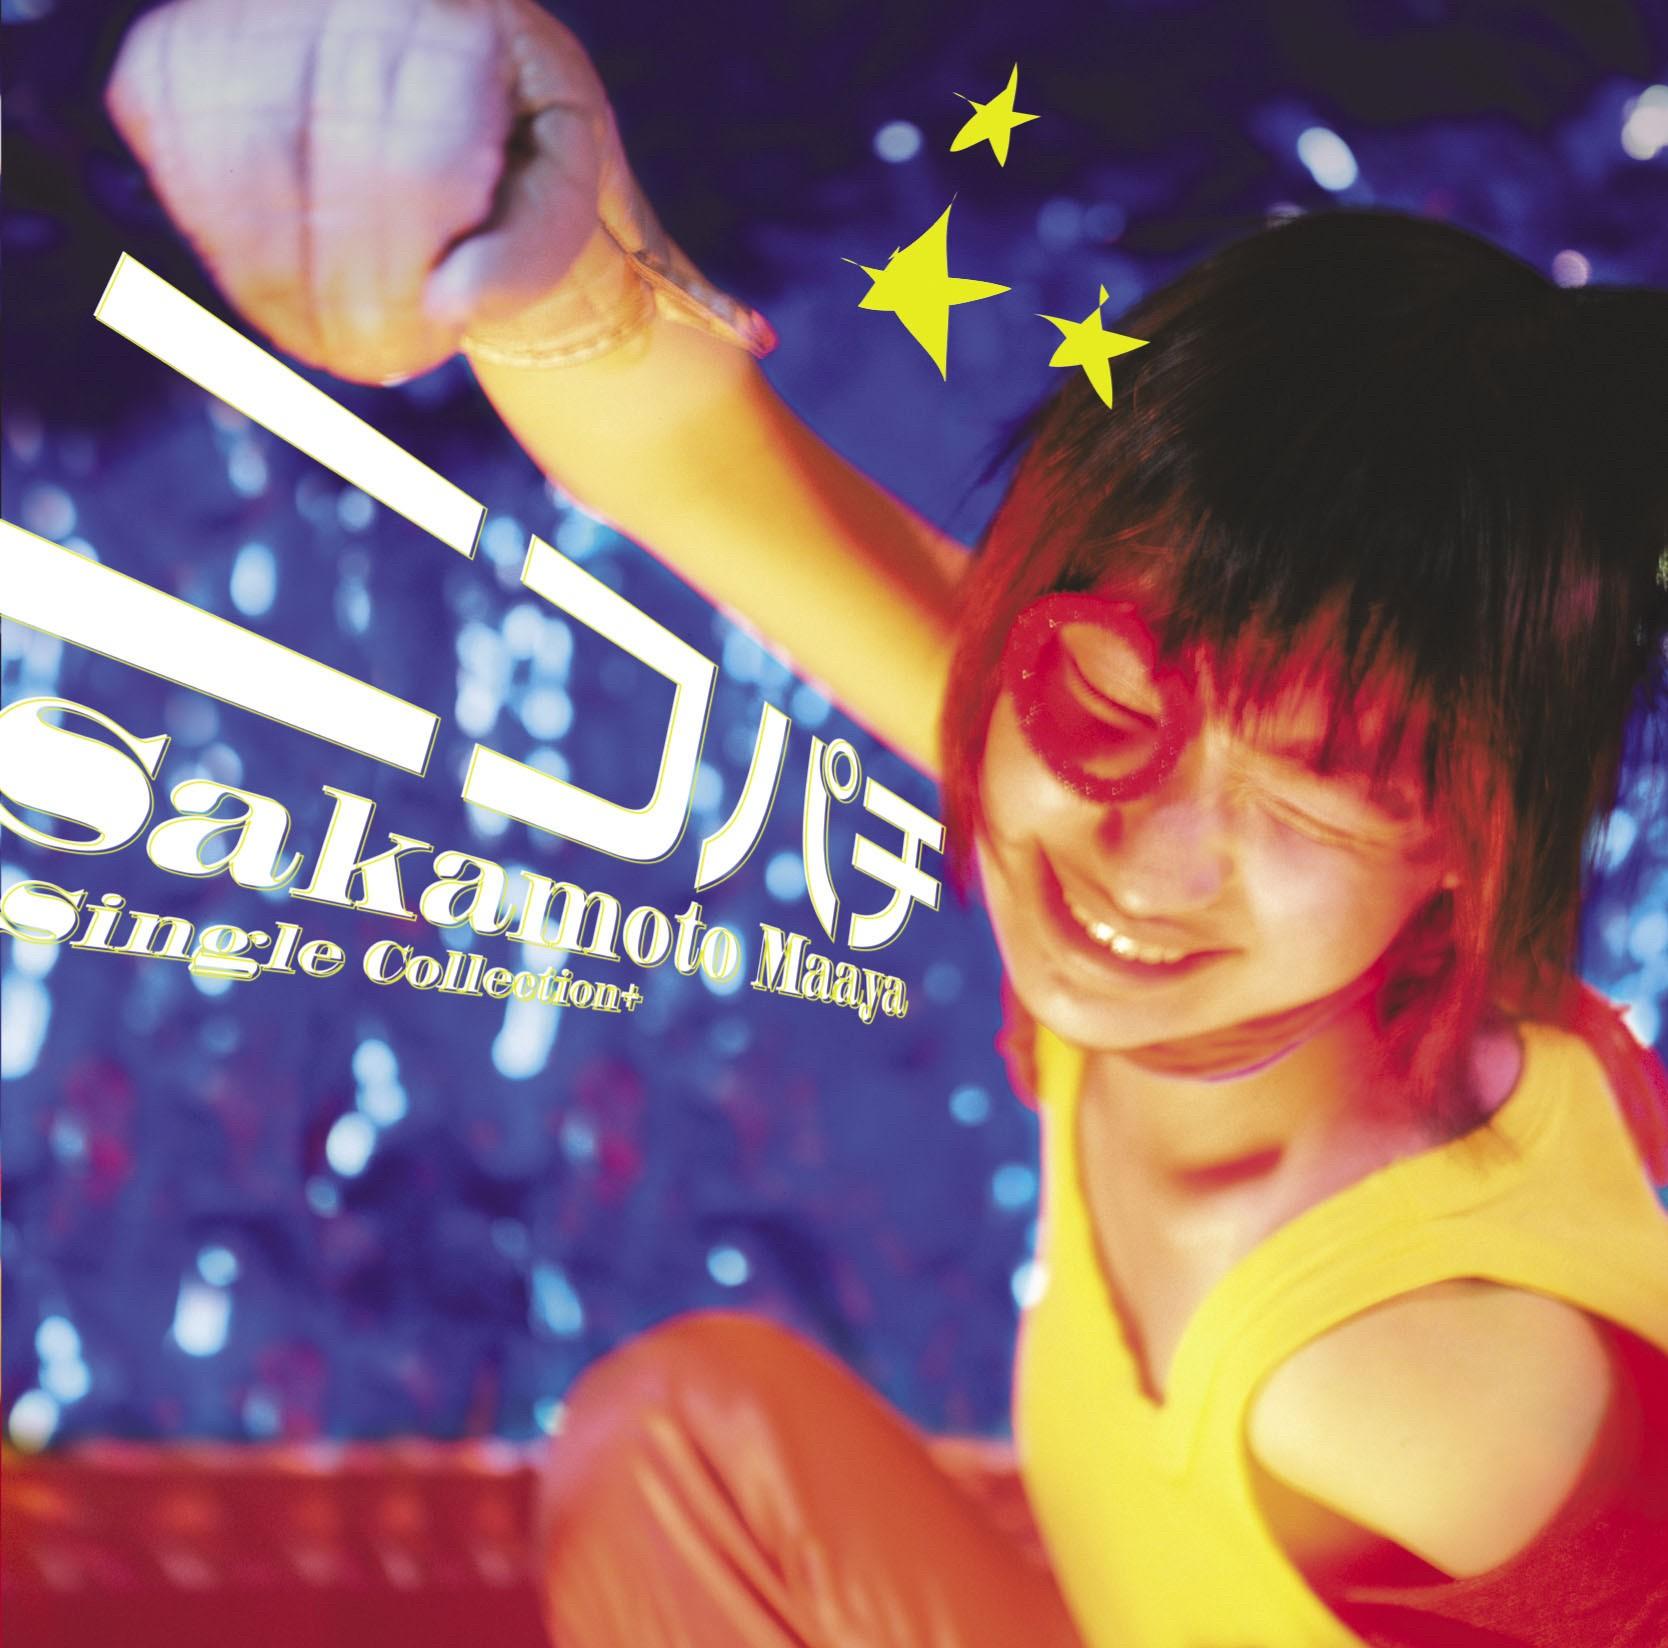 坂本真綾 (Maaya Sakamoto) – シングルコレクション+ニコパチ (Single Collection+ Nikopachi) [Mora FLAC 24bit/96kHz]